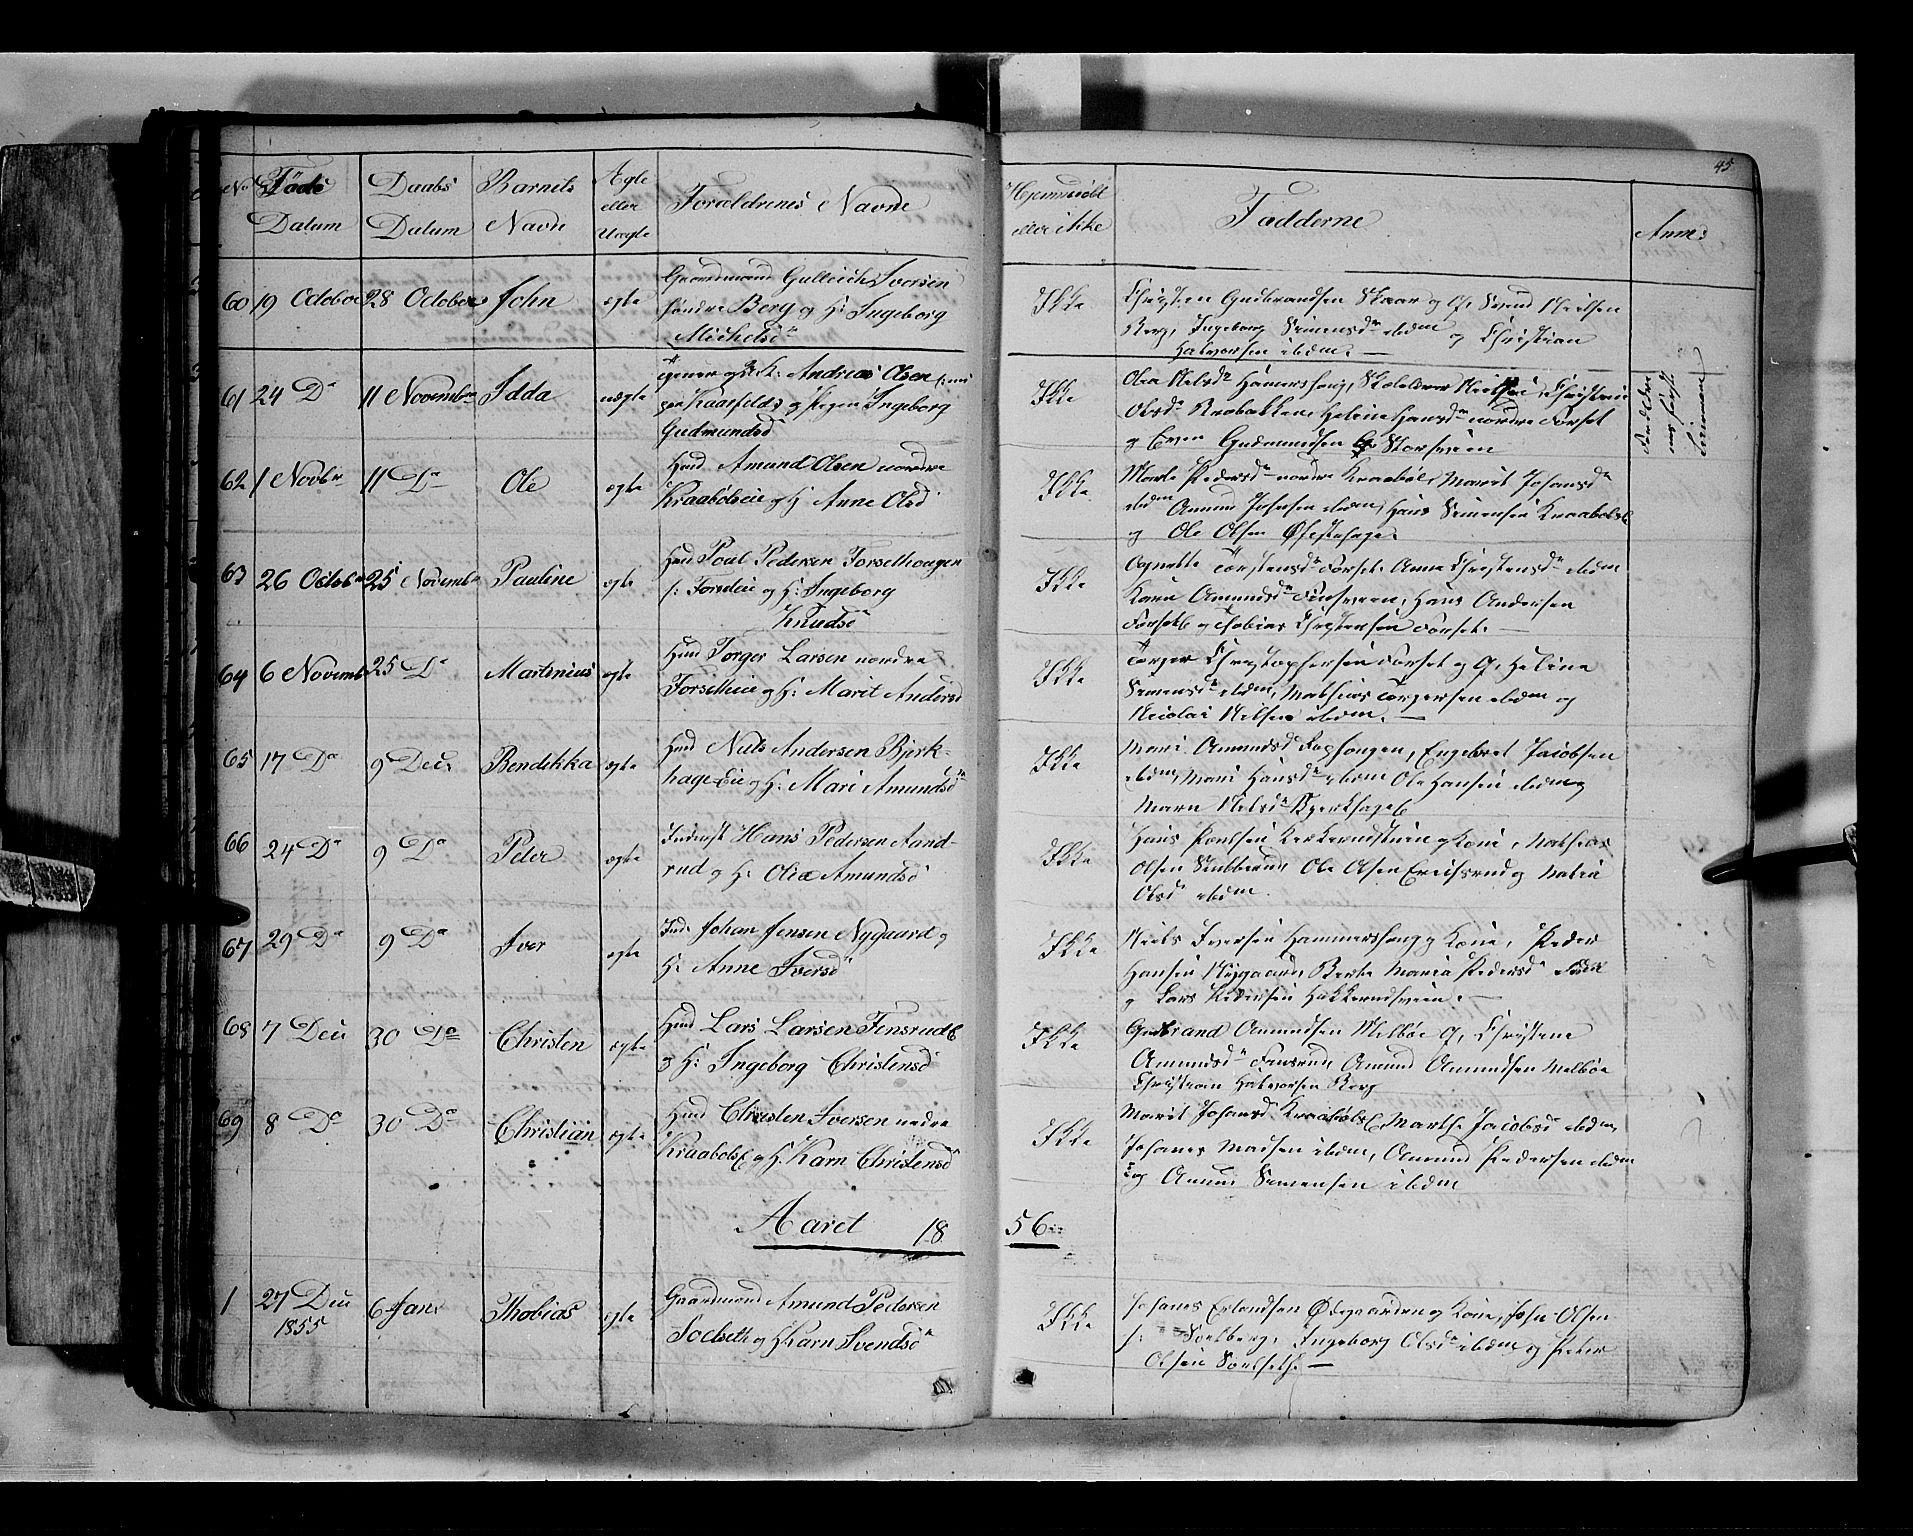 SAH, Gausdal prestekontor, Klokkerbok nr. 5, 1846-1867, s. 45